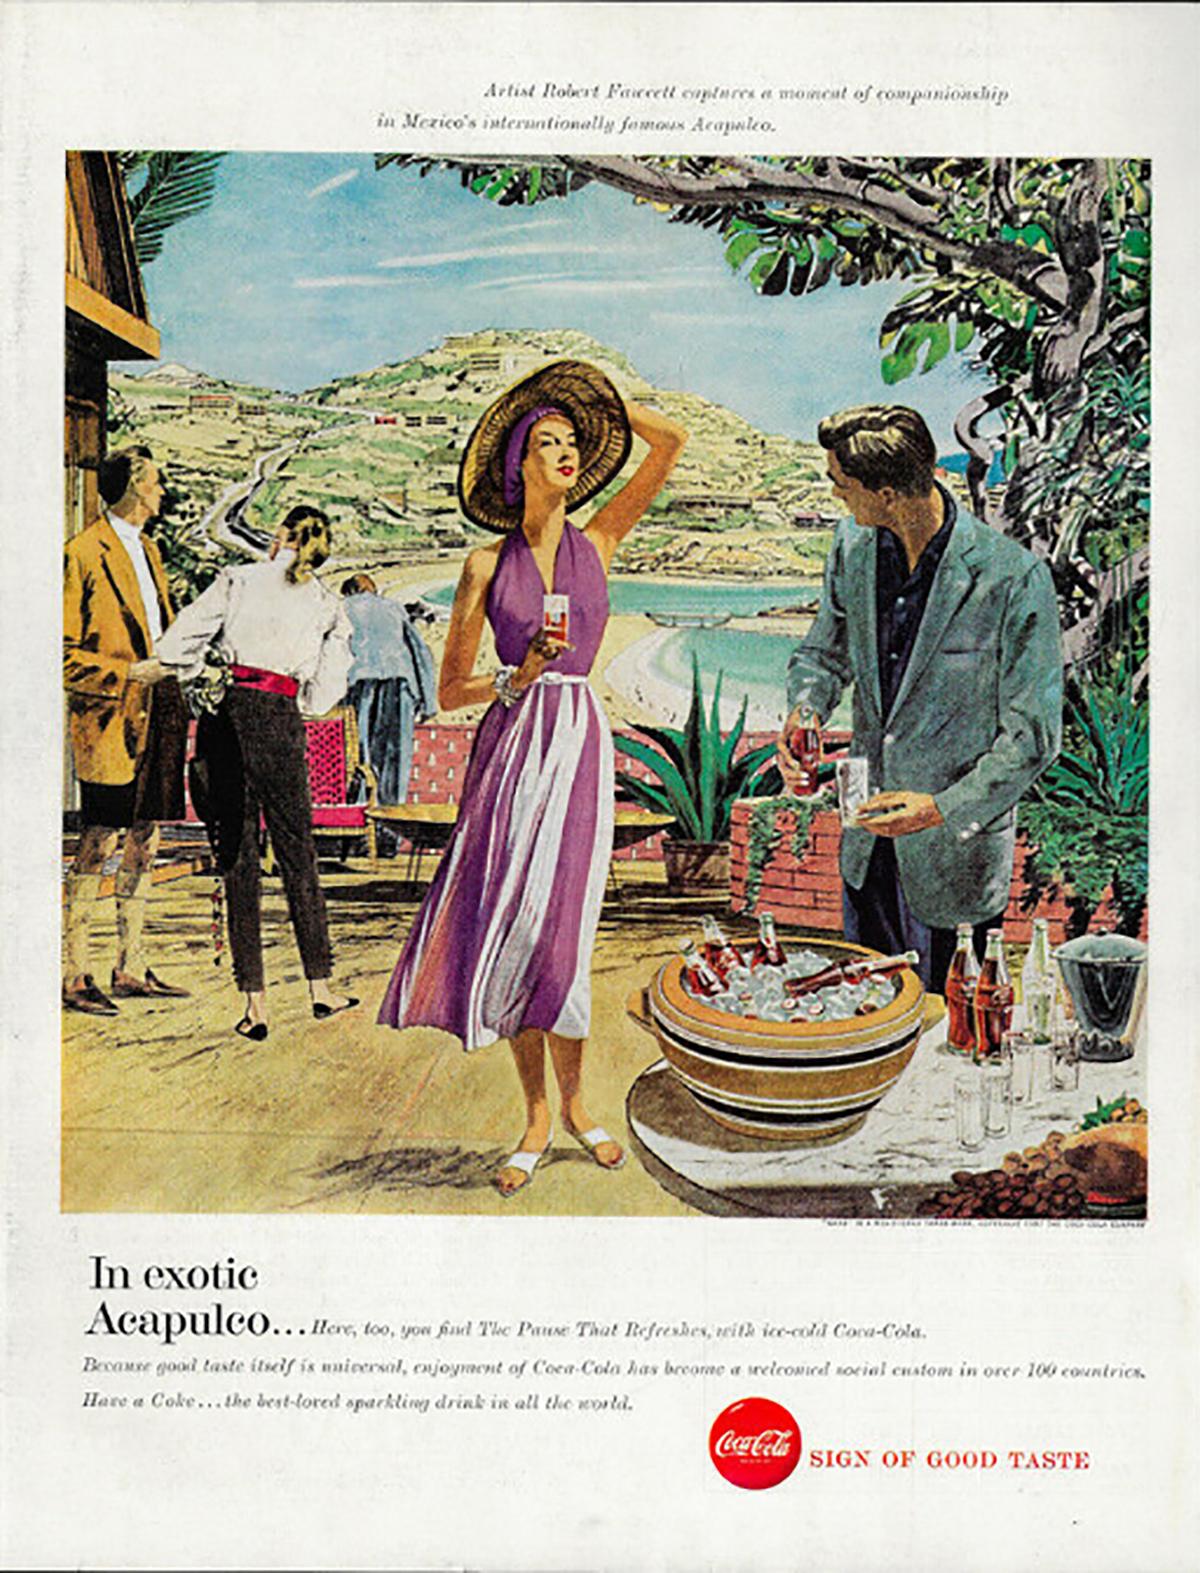 Coca Cola ad, 1957